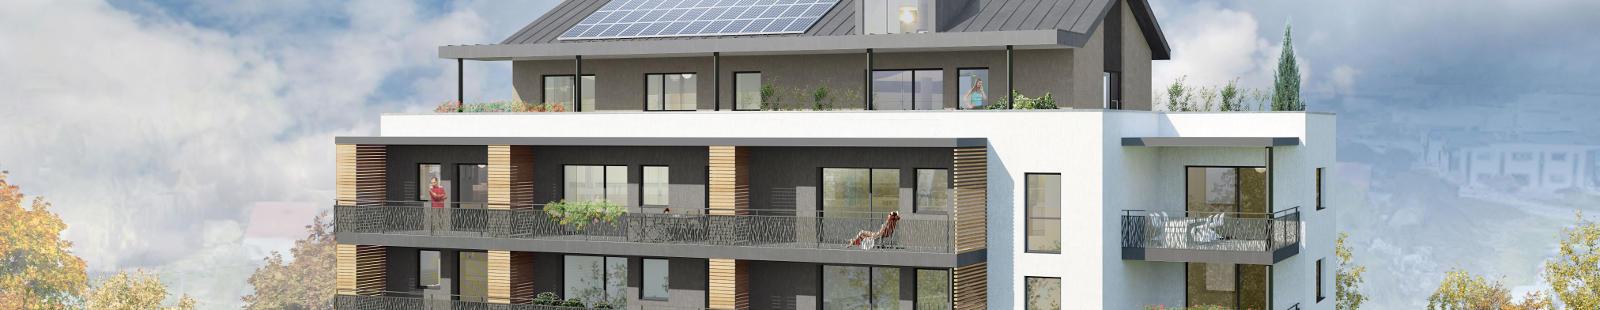 17 appartements neufs à Avanne-Aveney avec terrasses au Sud-Ouest